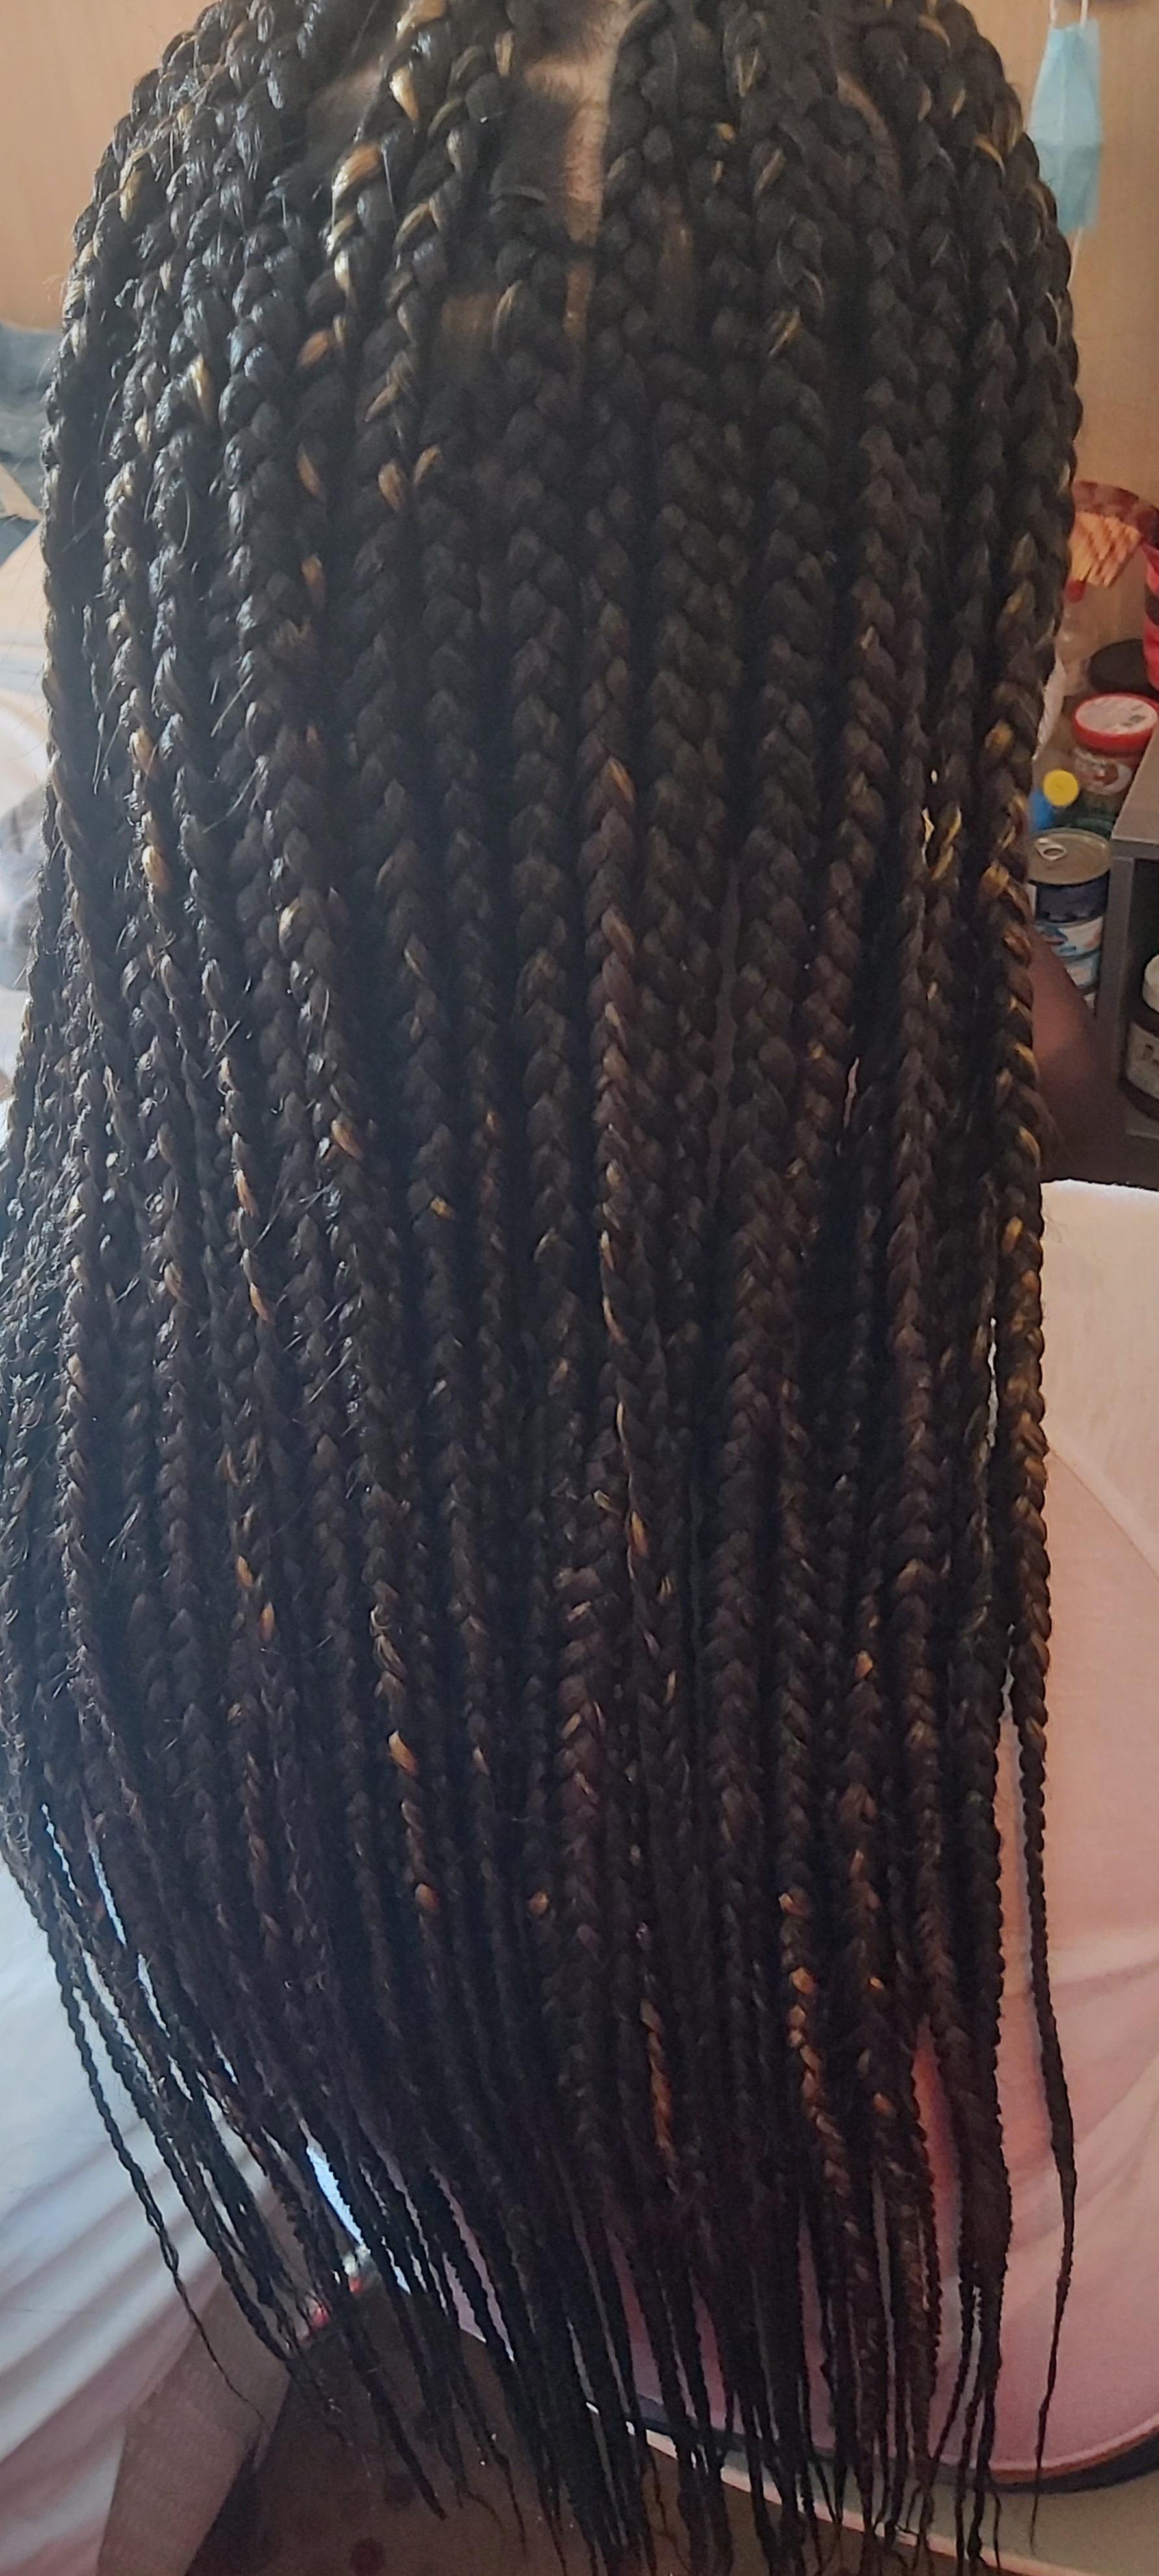 salon de coiffure afro tresse tresses box braids crochet braids vanilles tissages paris 75 77 78 91 92 93 94 95 ZPUCSSSR